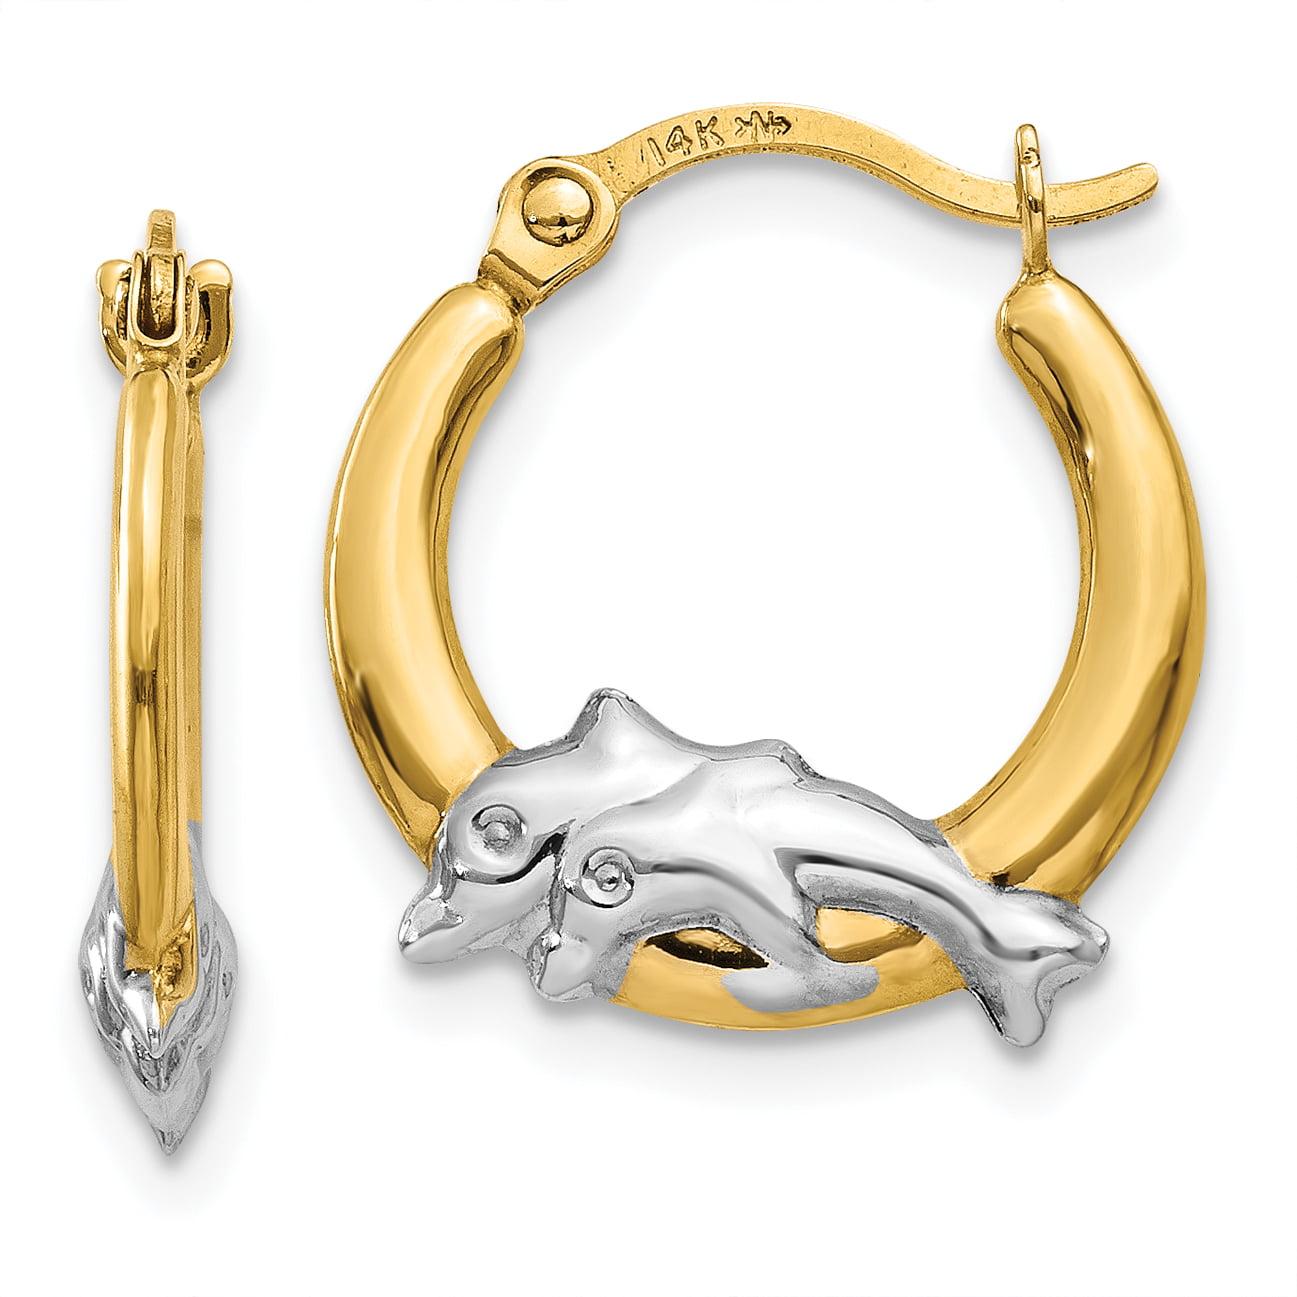 14K & Rhodium Dolphin Hoop Earrings TL729 - image 4 de 4